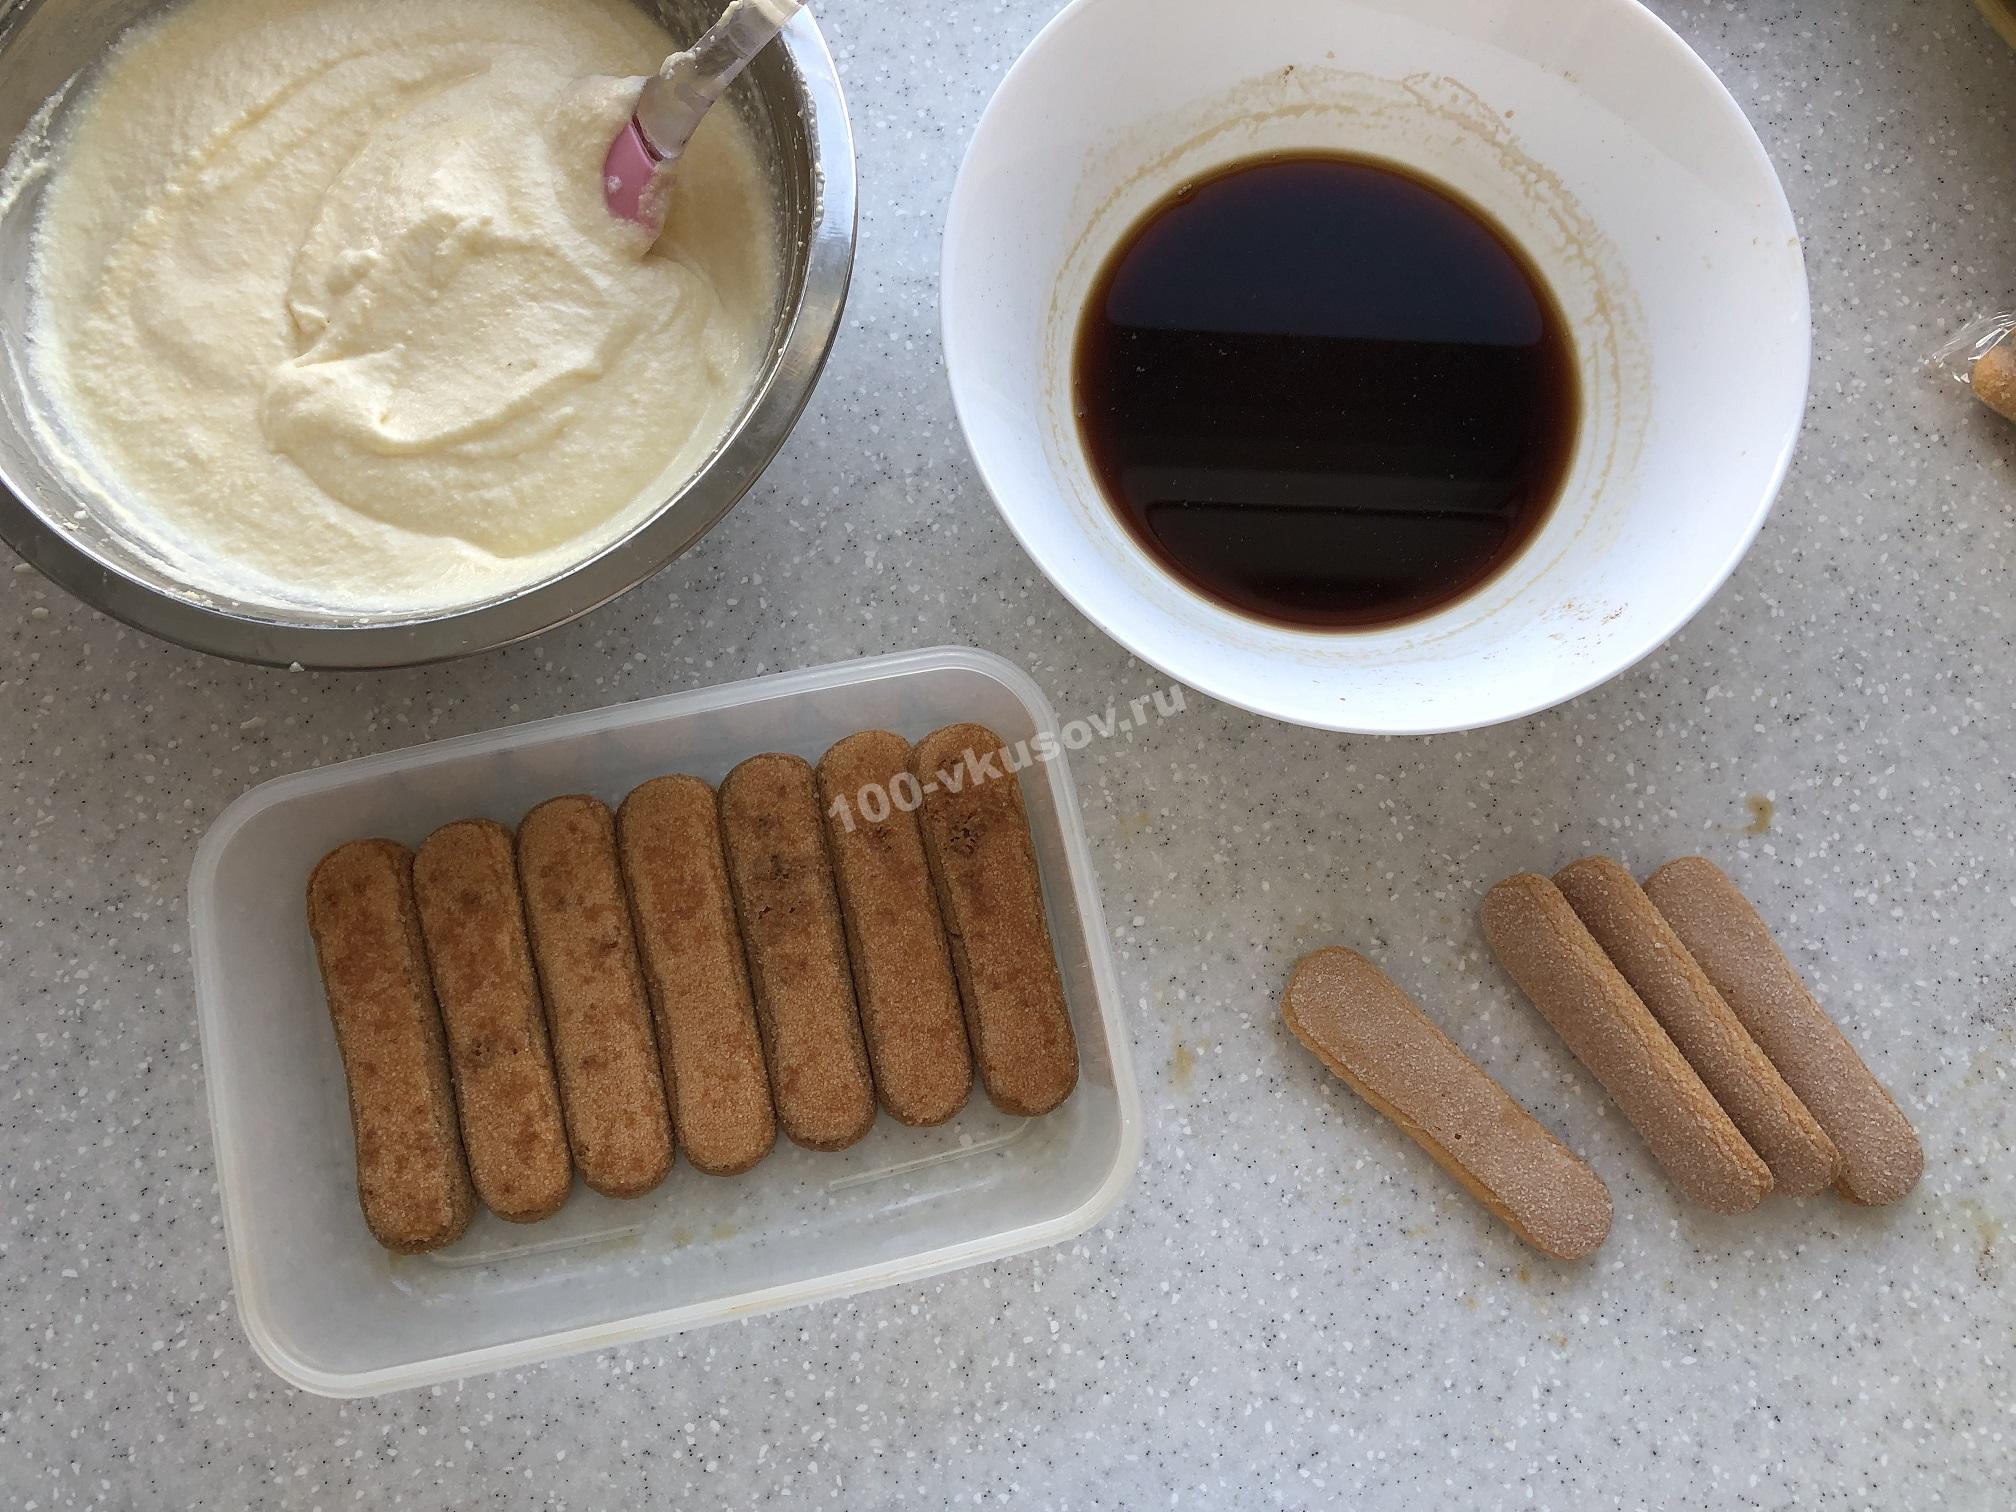 Крем для тирамису, савоярди и кофе